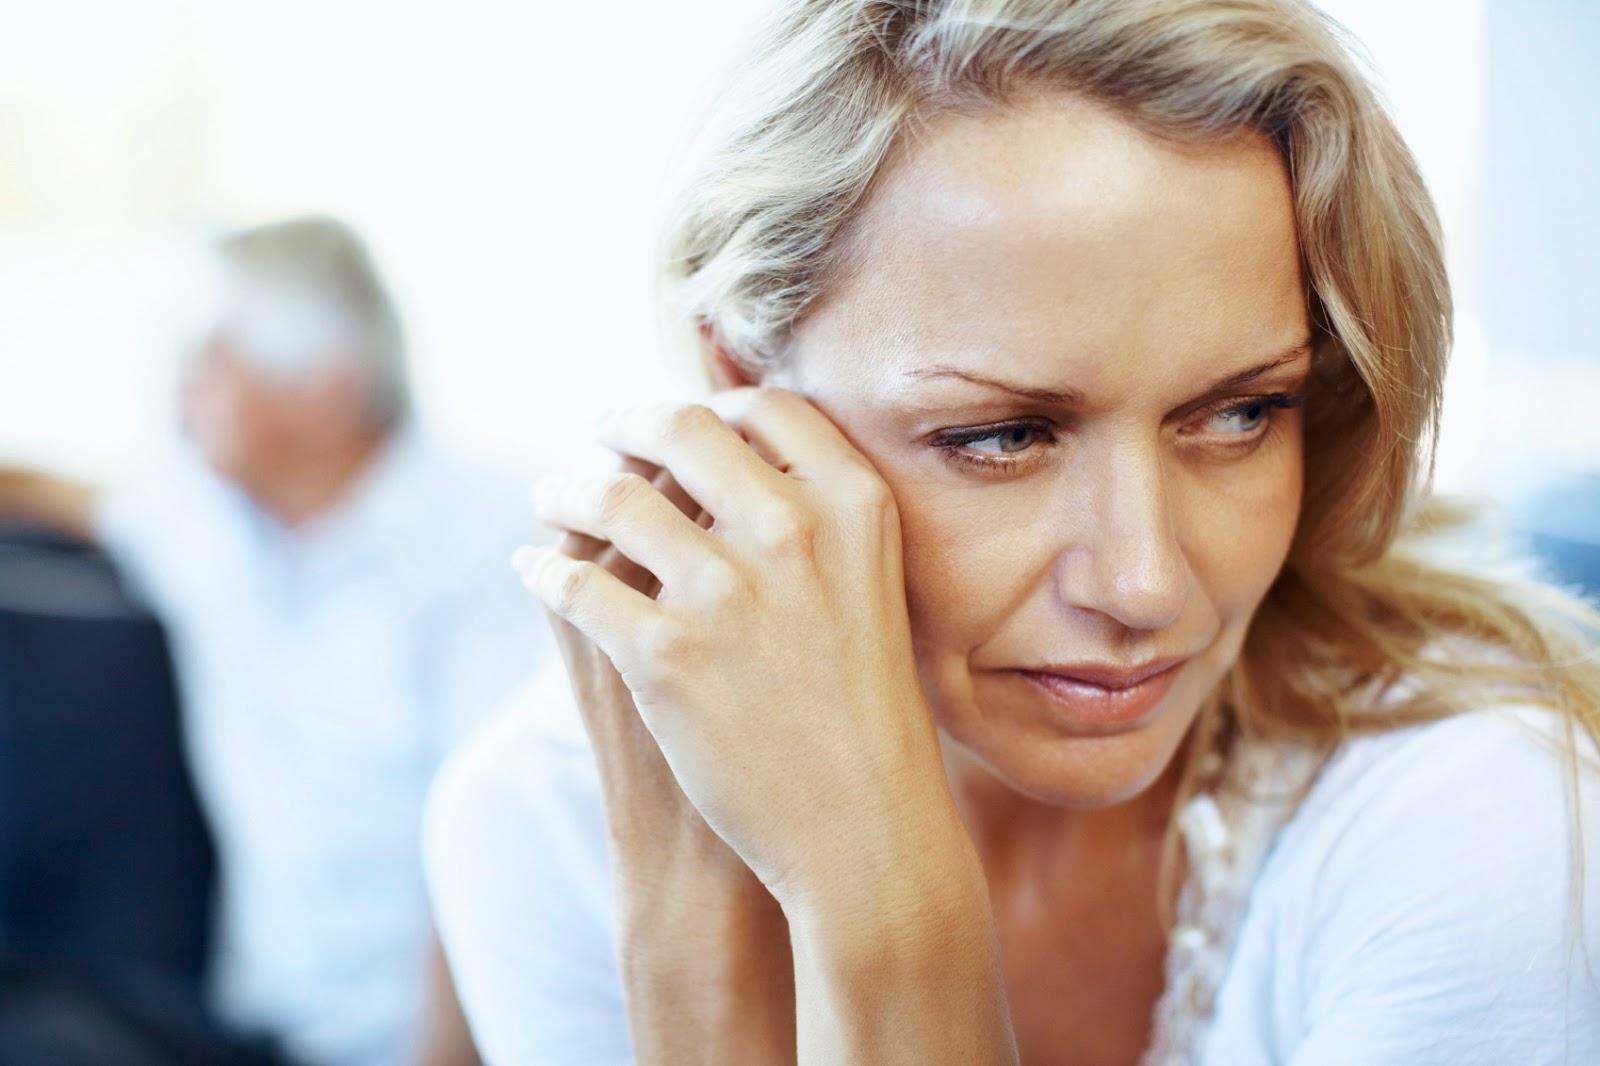 أعلى 10 نصائح صحية للنساء